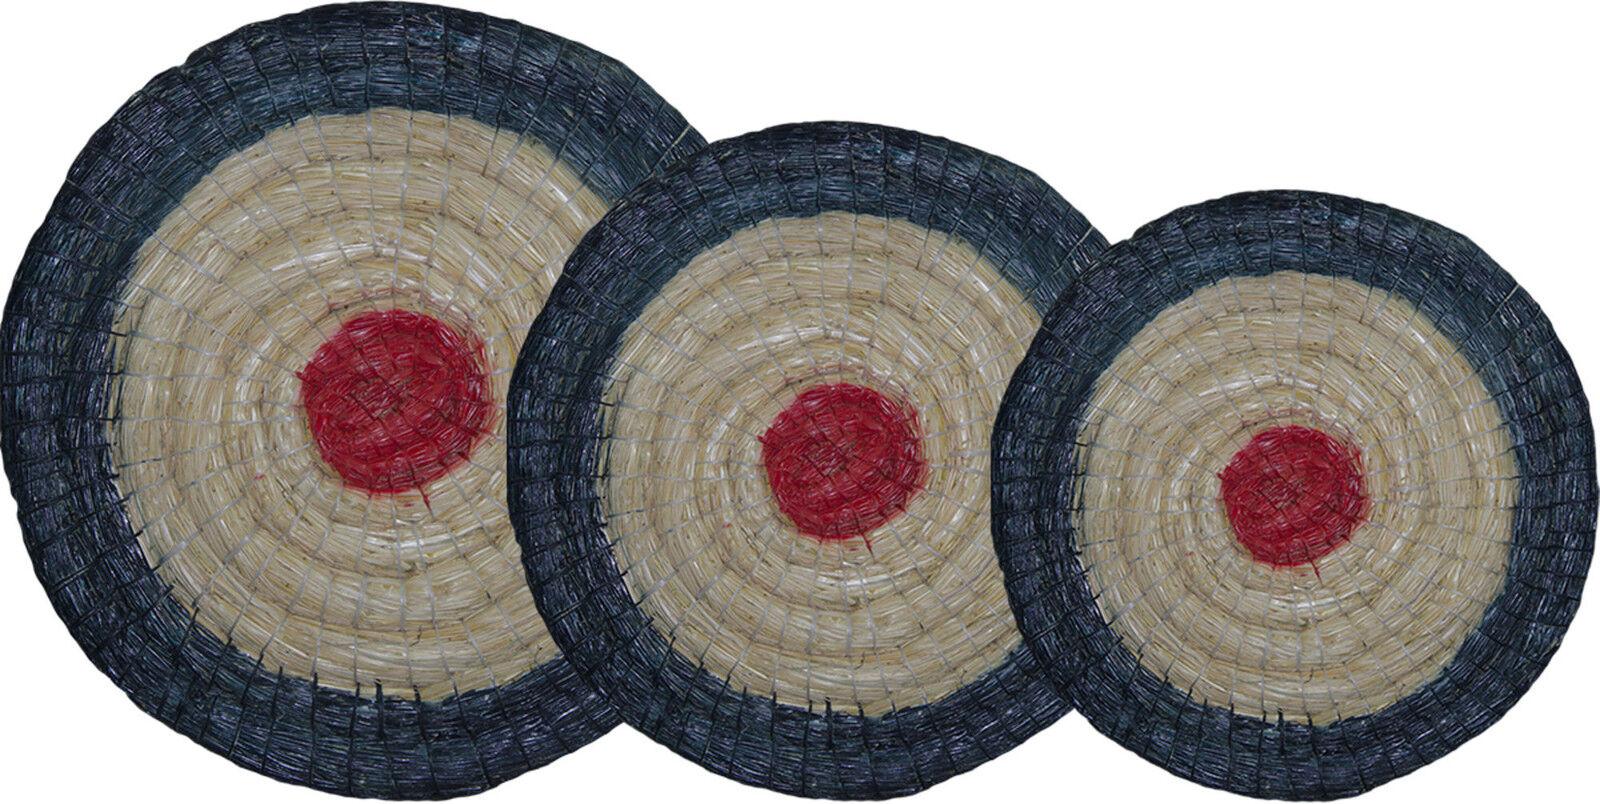 Zielscheibe, Strohzielscheibe Halona Halona Halona field 65x6 bis 80x8 cm natur und farbig 4c924f